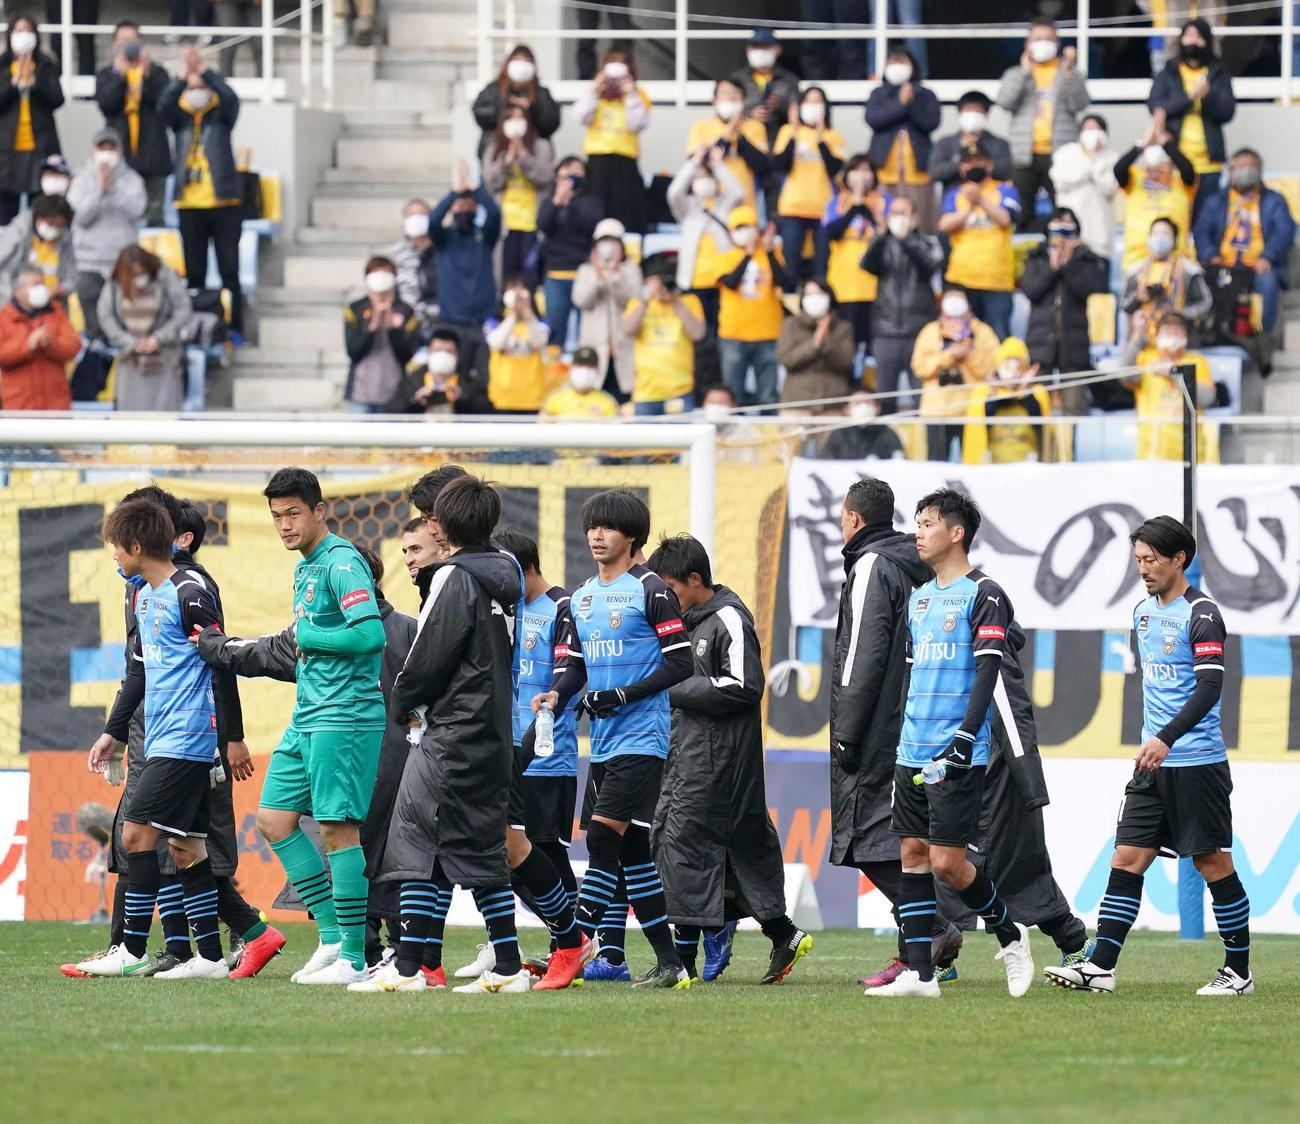 仙台対川崎F 試合終了後、仙台サポーターにあいさつした川崎Fイレブン(撮影・江口和貴)